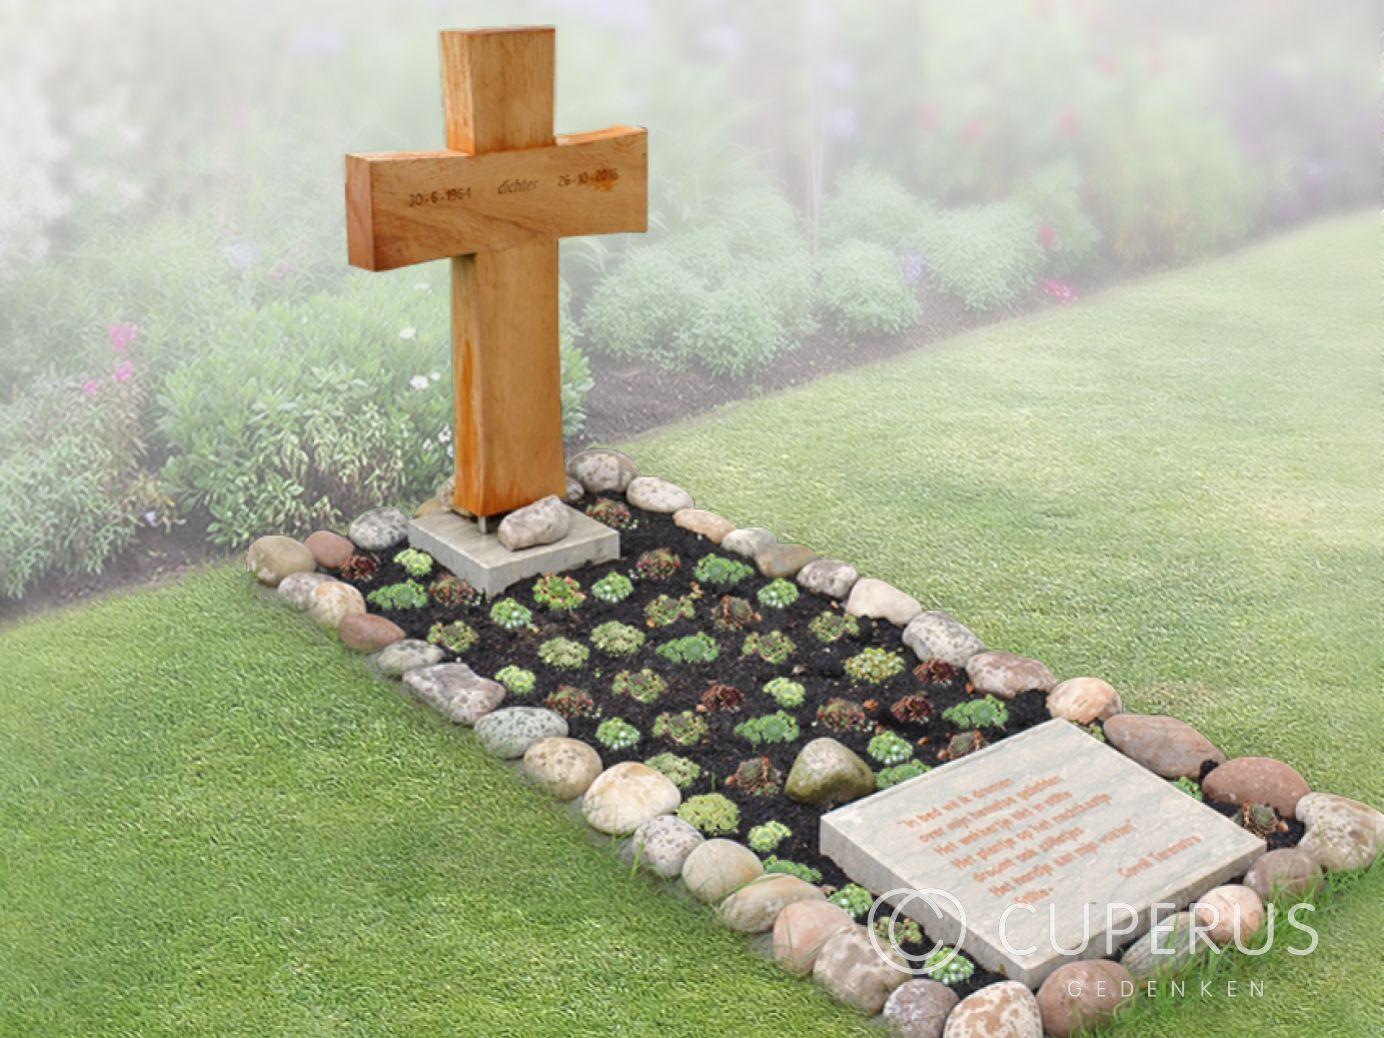 Wonderlijk Grafmonument houten kruis en keitjes | Cuperus gedenken | 41980 PW-66